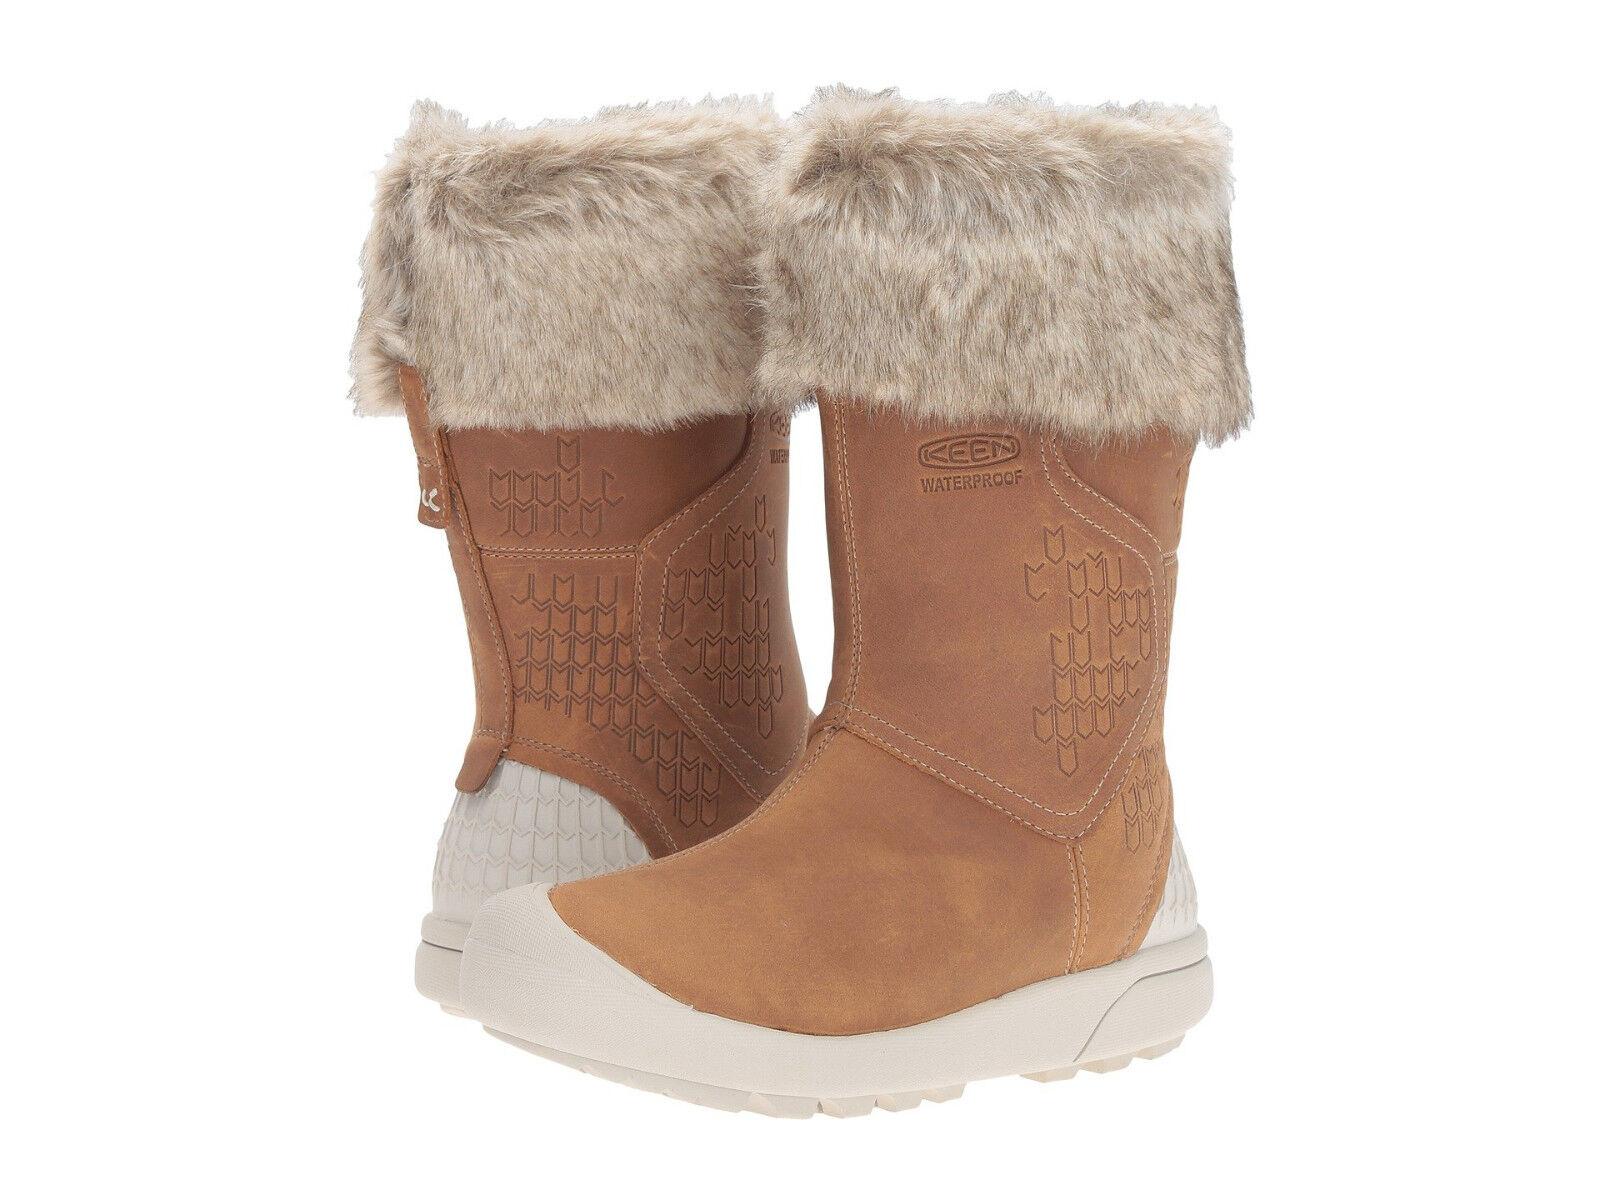 Keen damen Fremont Zip Waterproof Winter Snow Cold Weather Stiefel